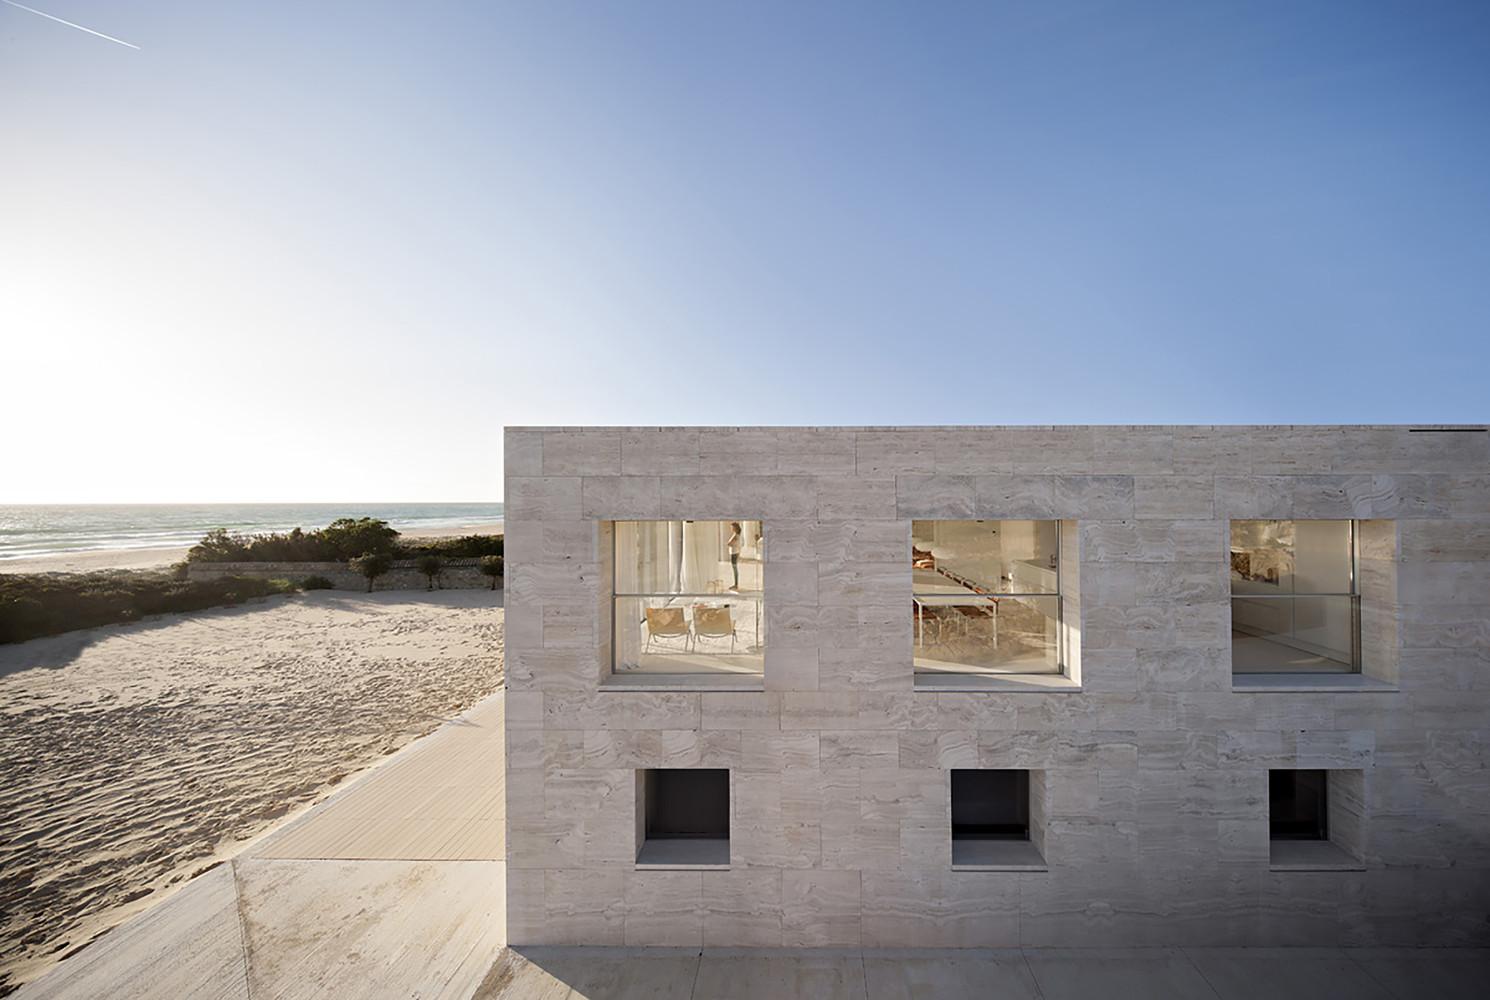 """6 13 - """"Casa del infinito"""": Horizonte espectacular de cielo y mar en Zahara de los Atunes (Cádiz)"""